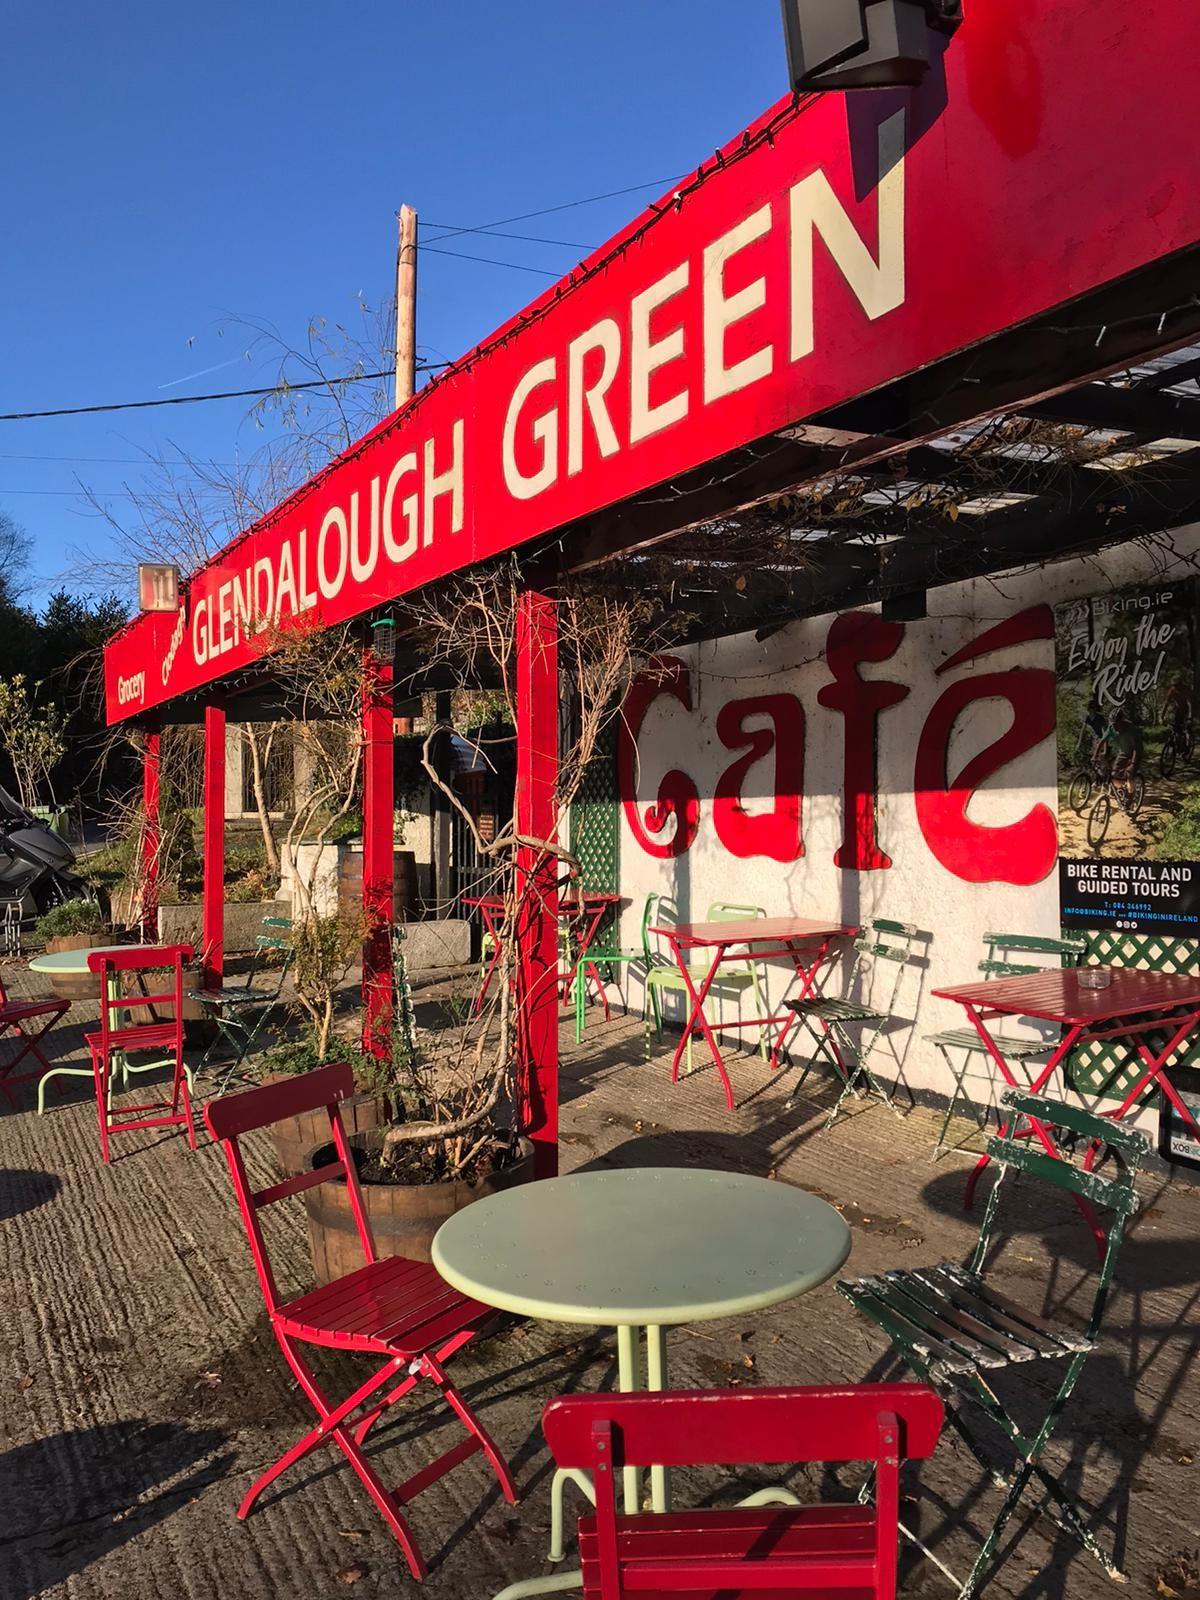 Glendalough Green cafe